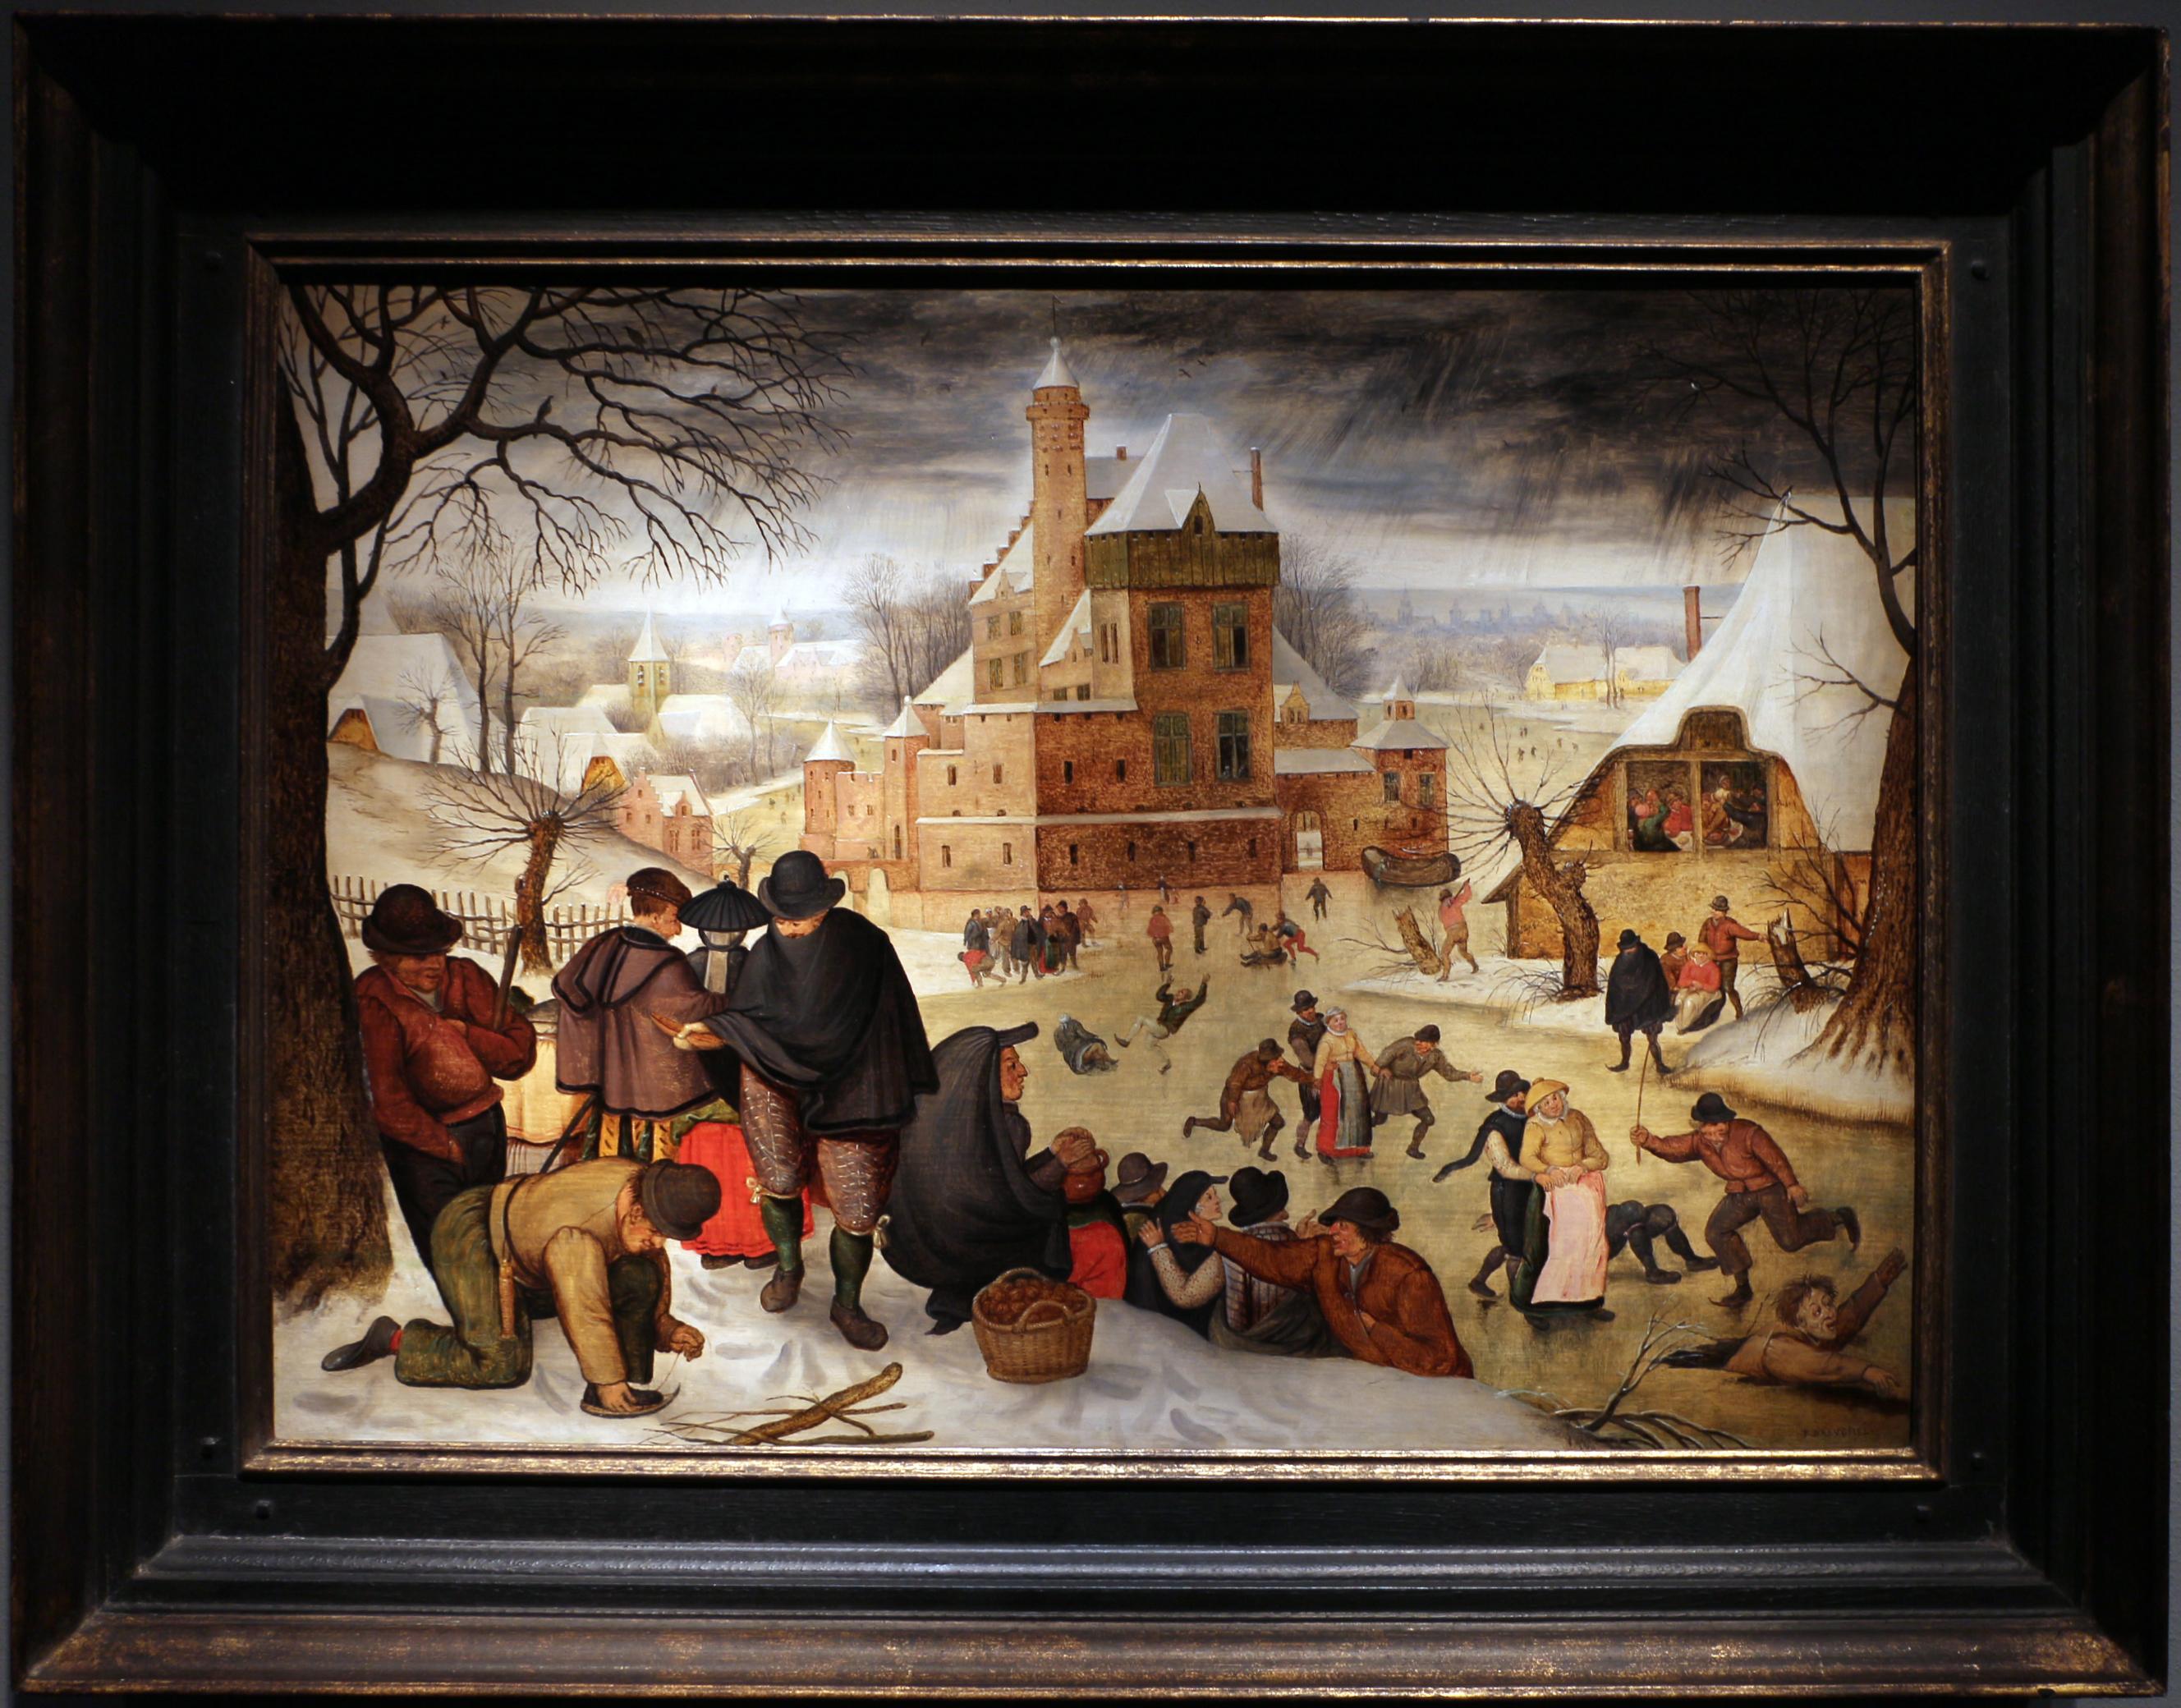 FilePieter bruegel il giovane paesaggio invernale con pattinatoriJPG  Wikimedia Commons